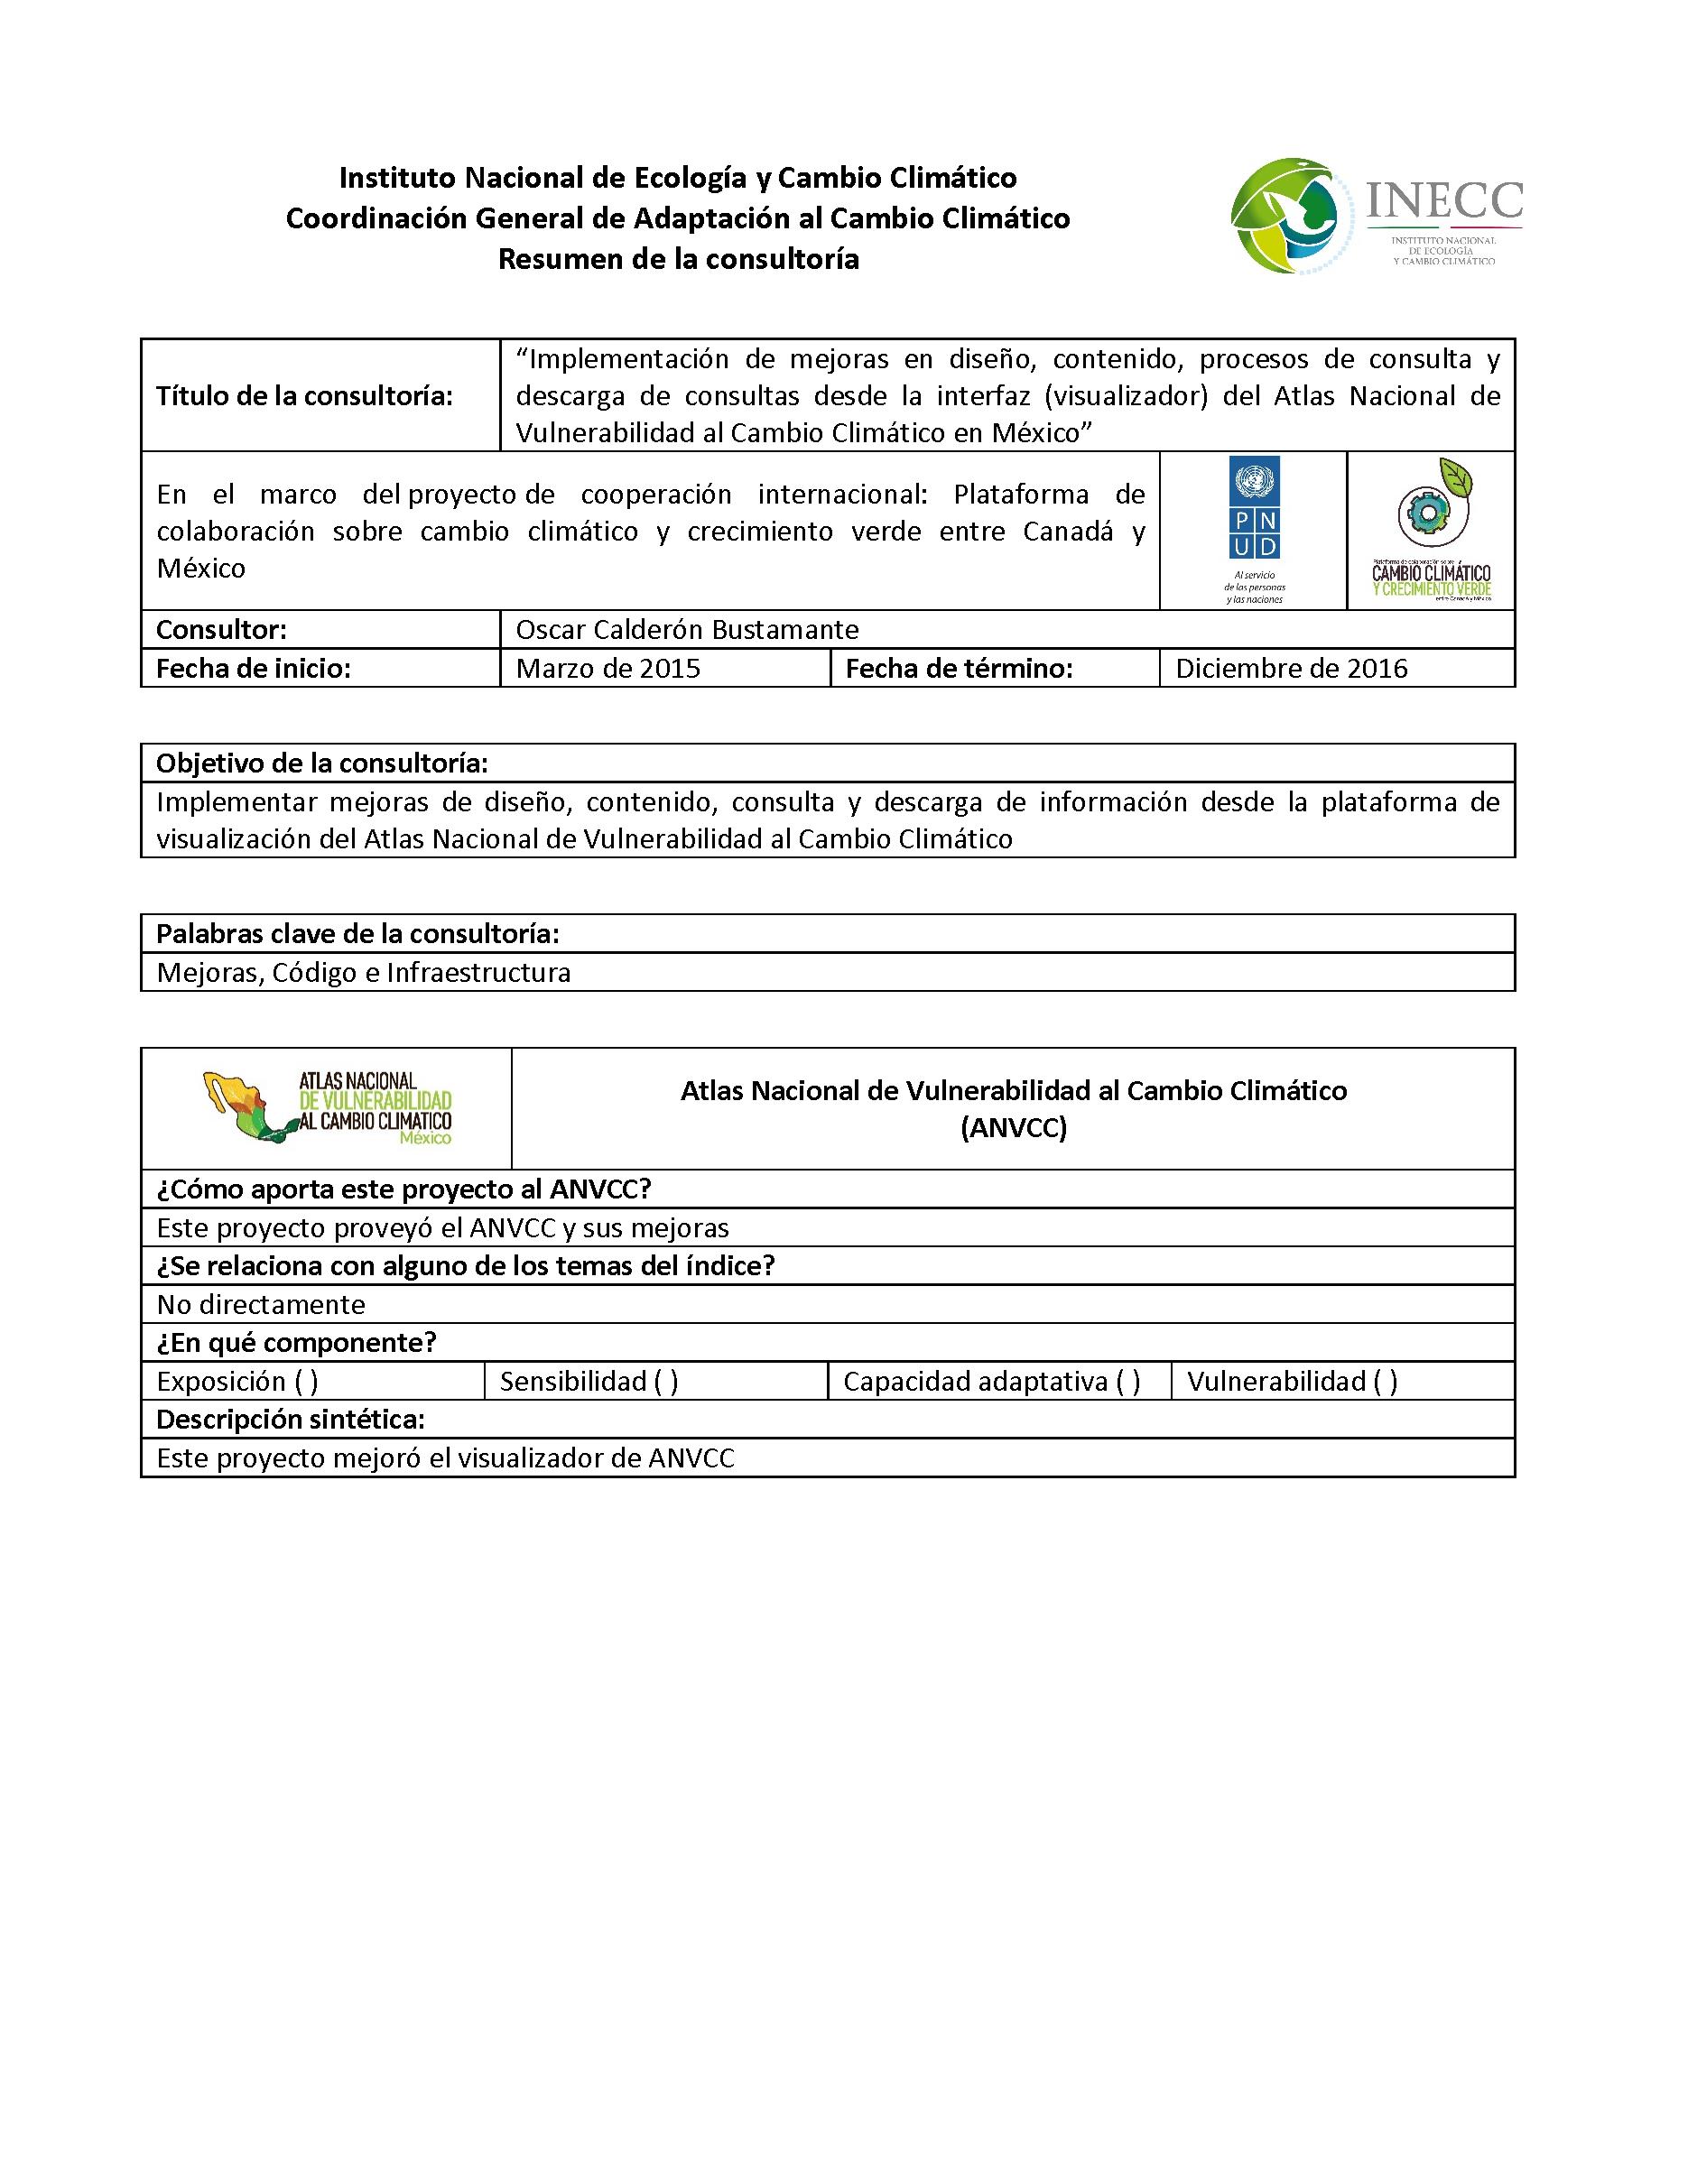 Implementación de mejoras en diseño, contenido, procesos de consulta ...